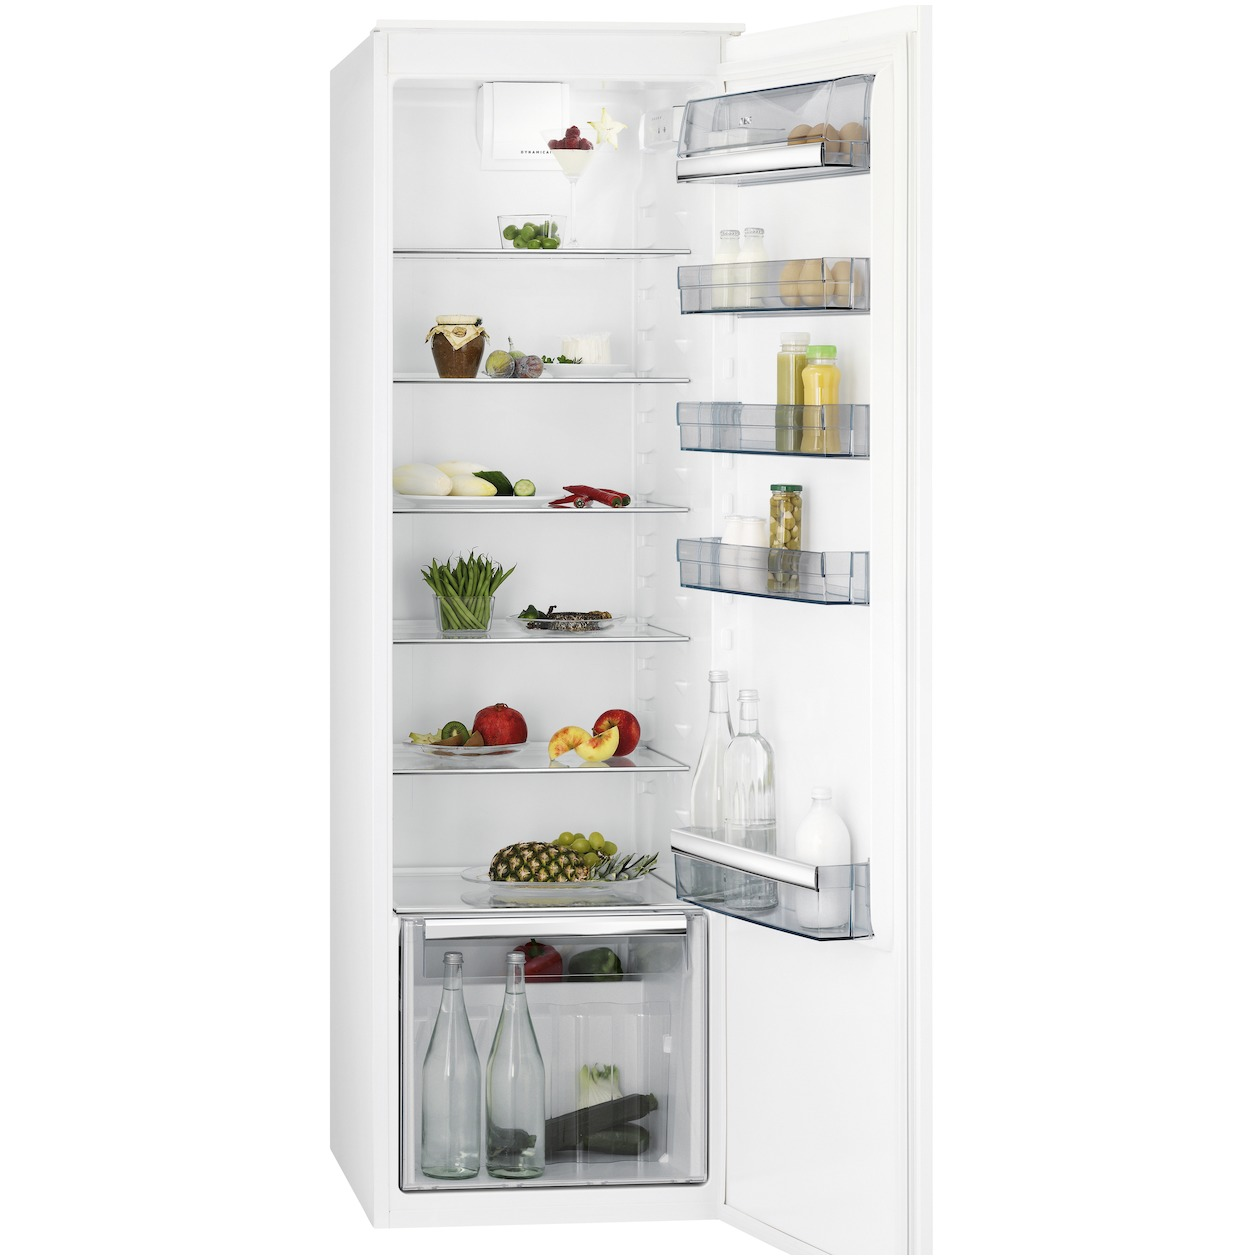 AEG inbouw koelkast SKB61811DS - Prijsvergelijk